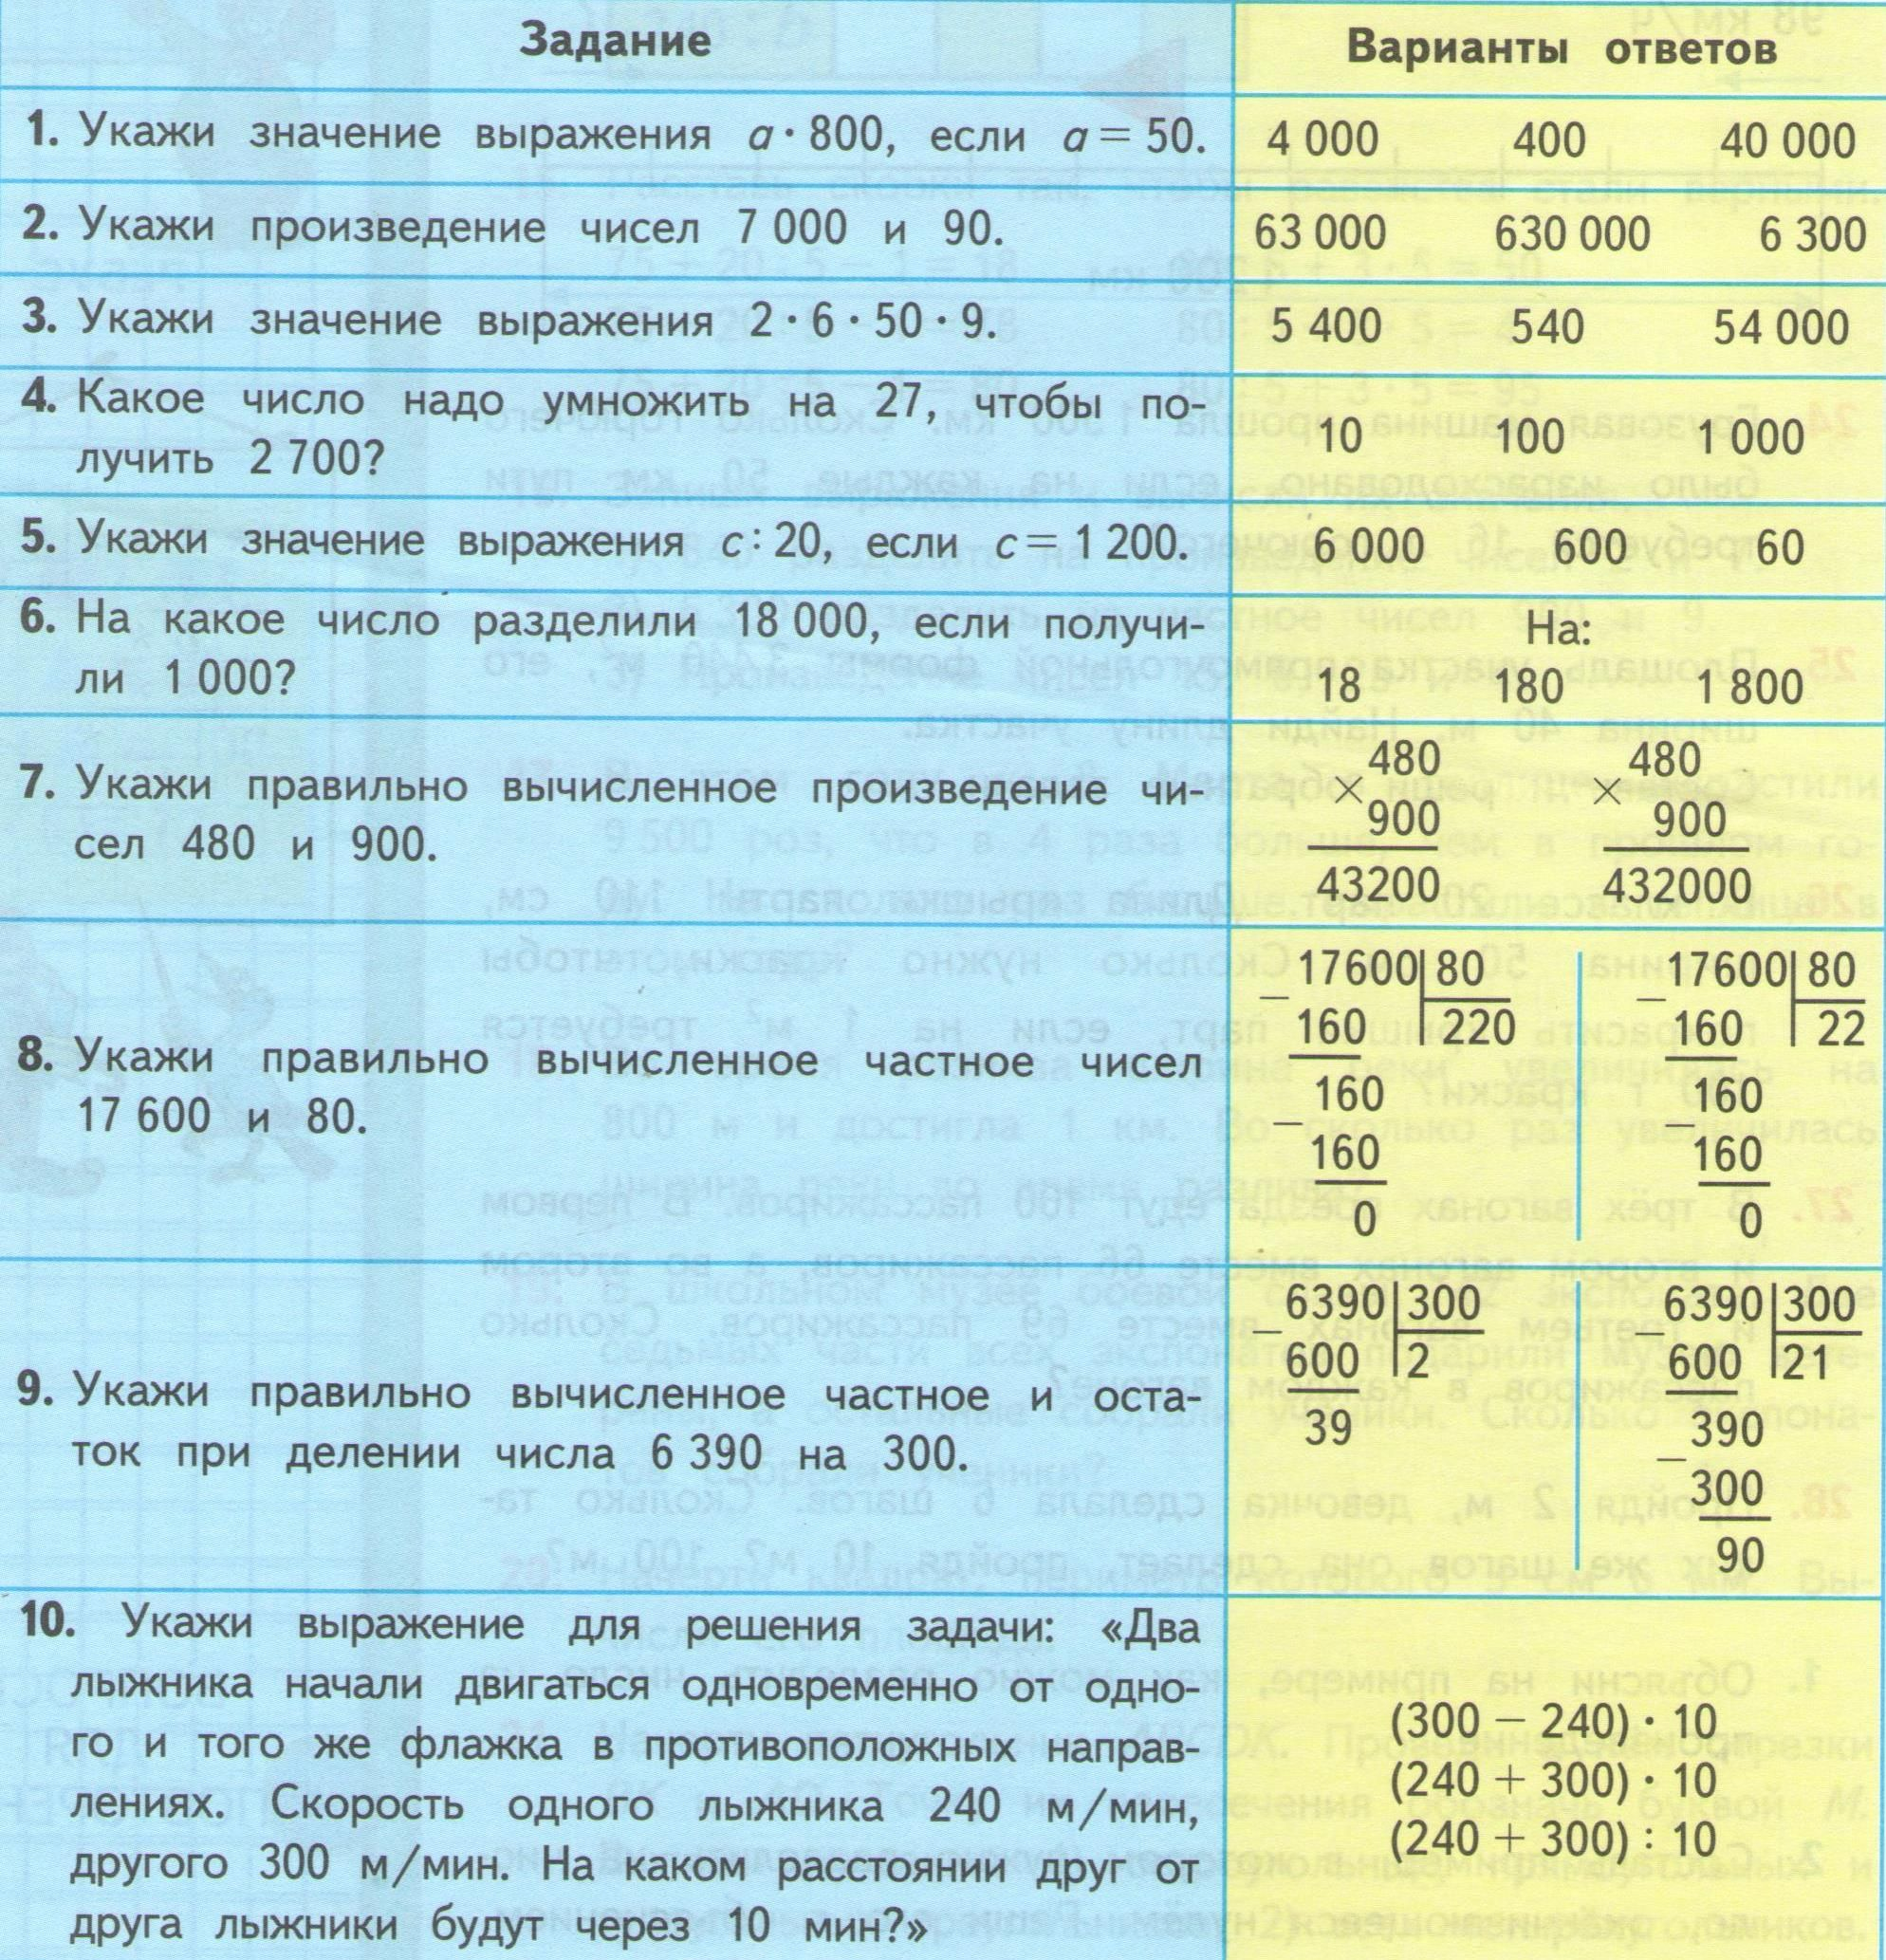 Гдз история россии 7 класс перевезенцева